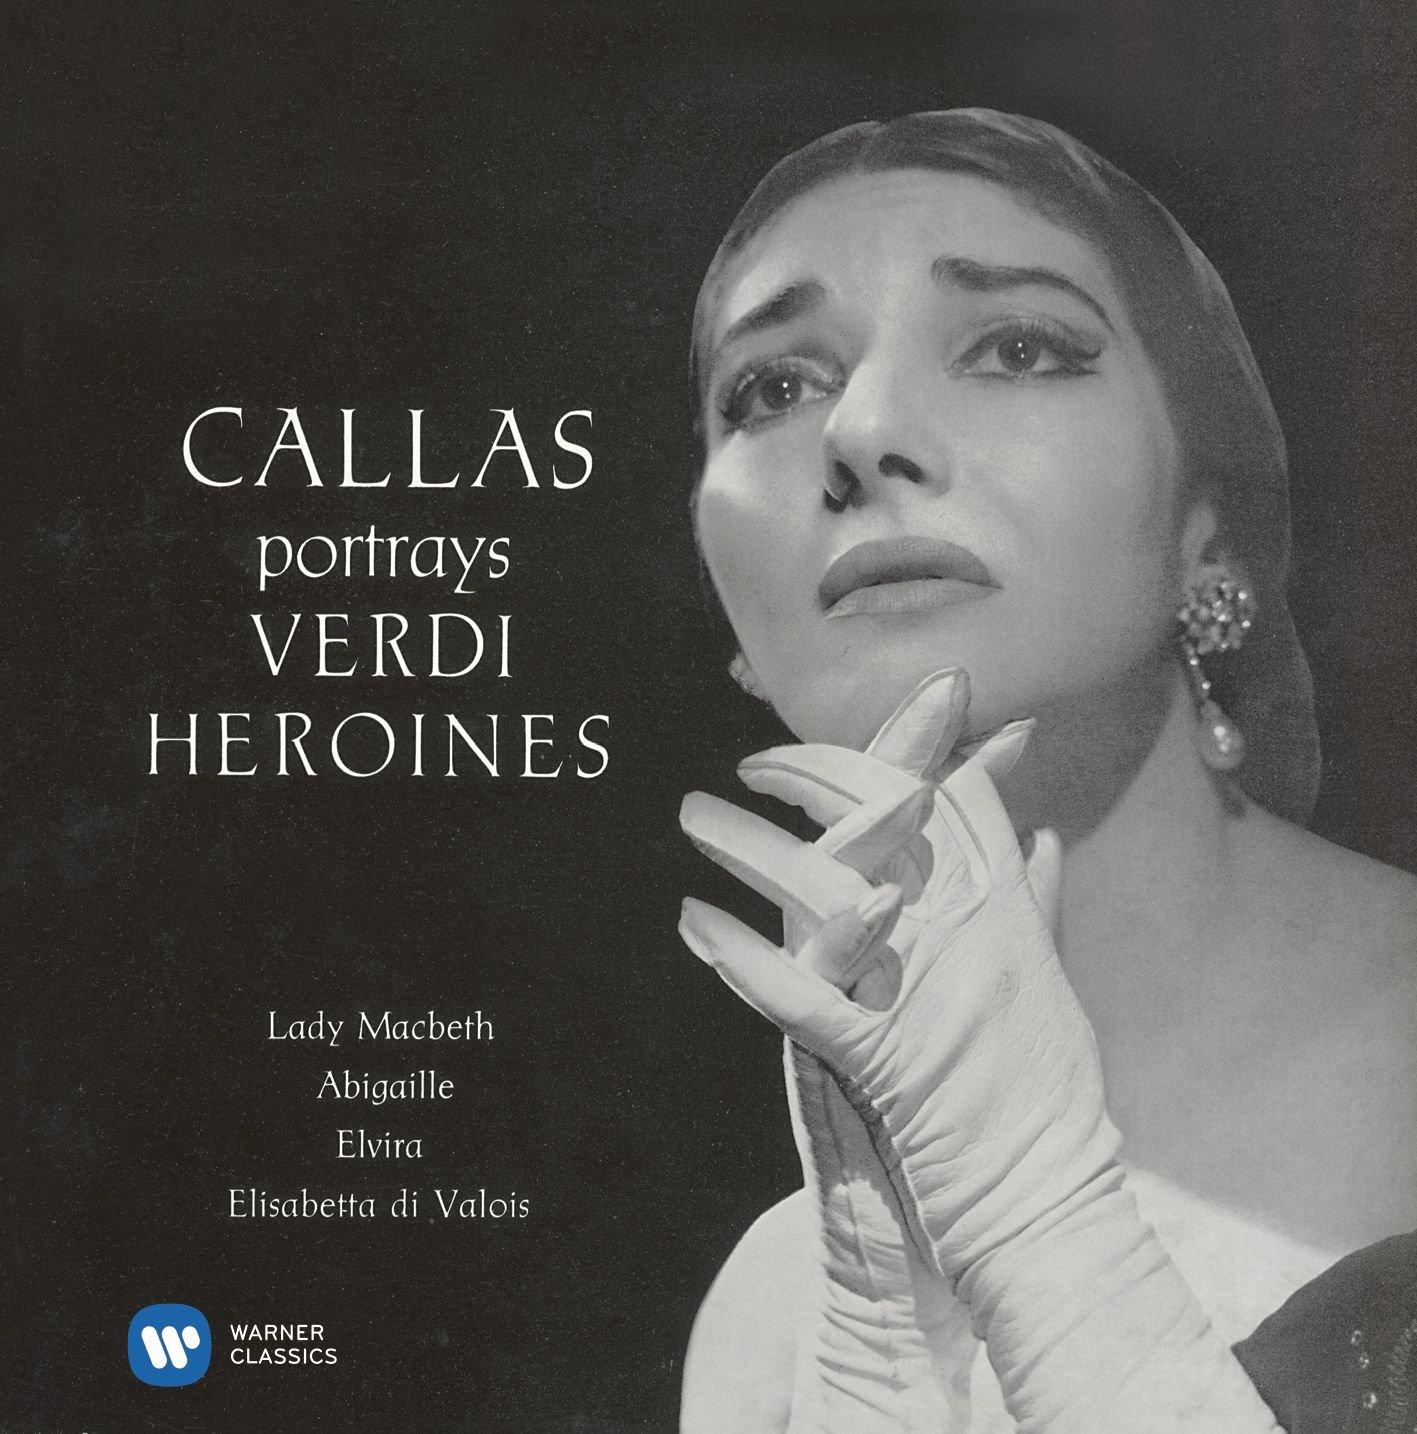 Verdi Arias I: Callas portrays Verdi Heroines (1958)